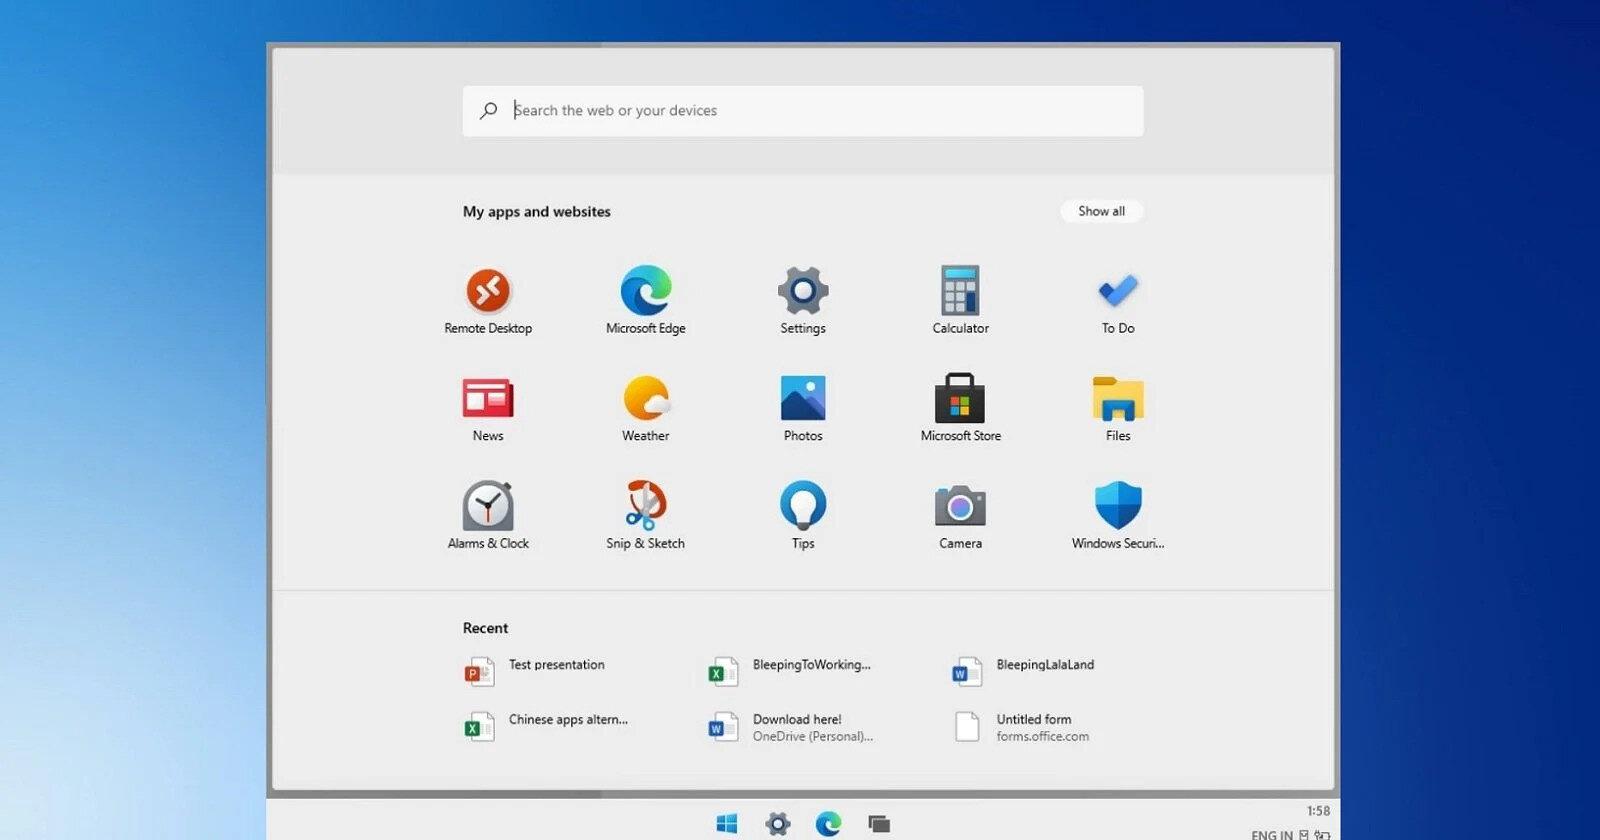 Windows 10X'in en önemli avantajlarından biri ise dokunmatik ekranlı cihazlarda kullanım için tasarlanıyor olmasıydı.